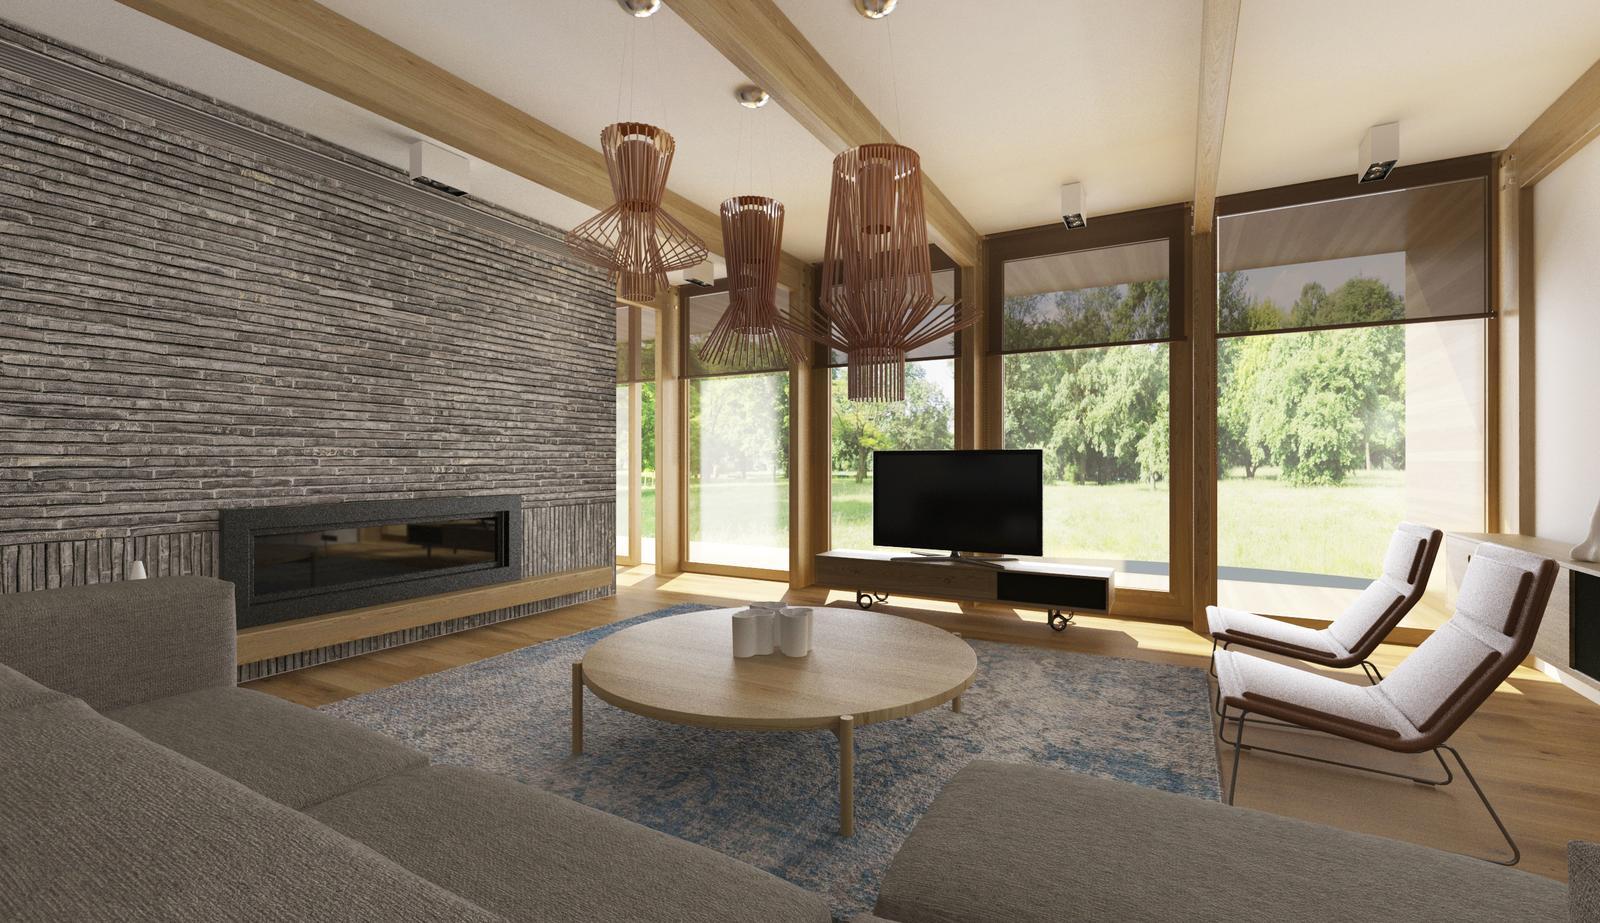 Návrh interiéru modernej drevostavby - Návrh interiéru obývacej izby s krbom. Cubica interiérové štúdio